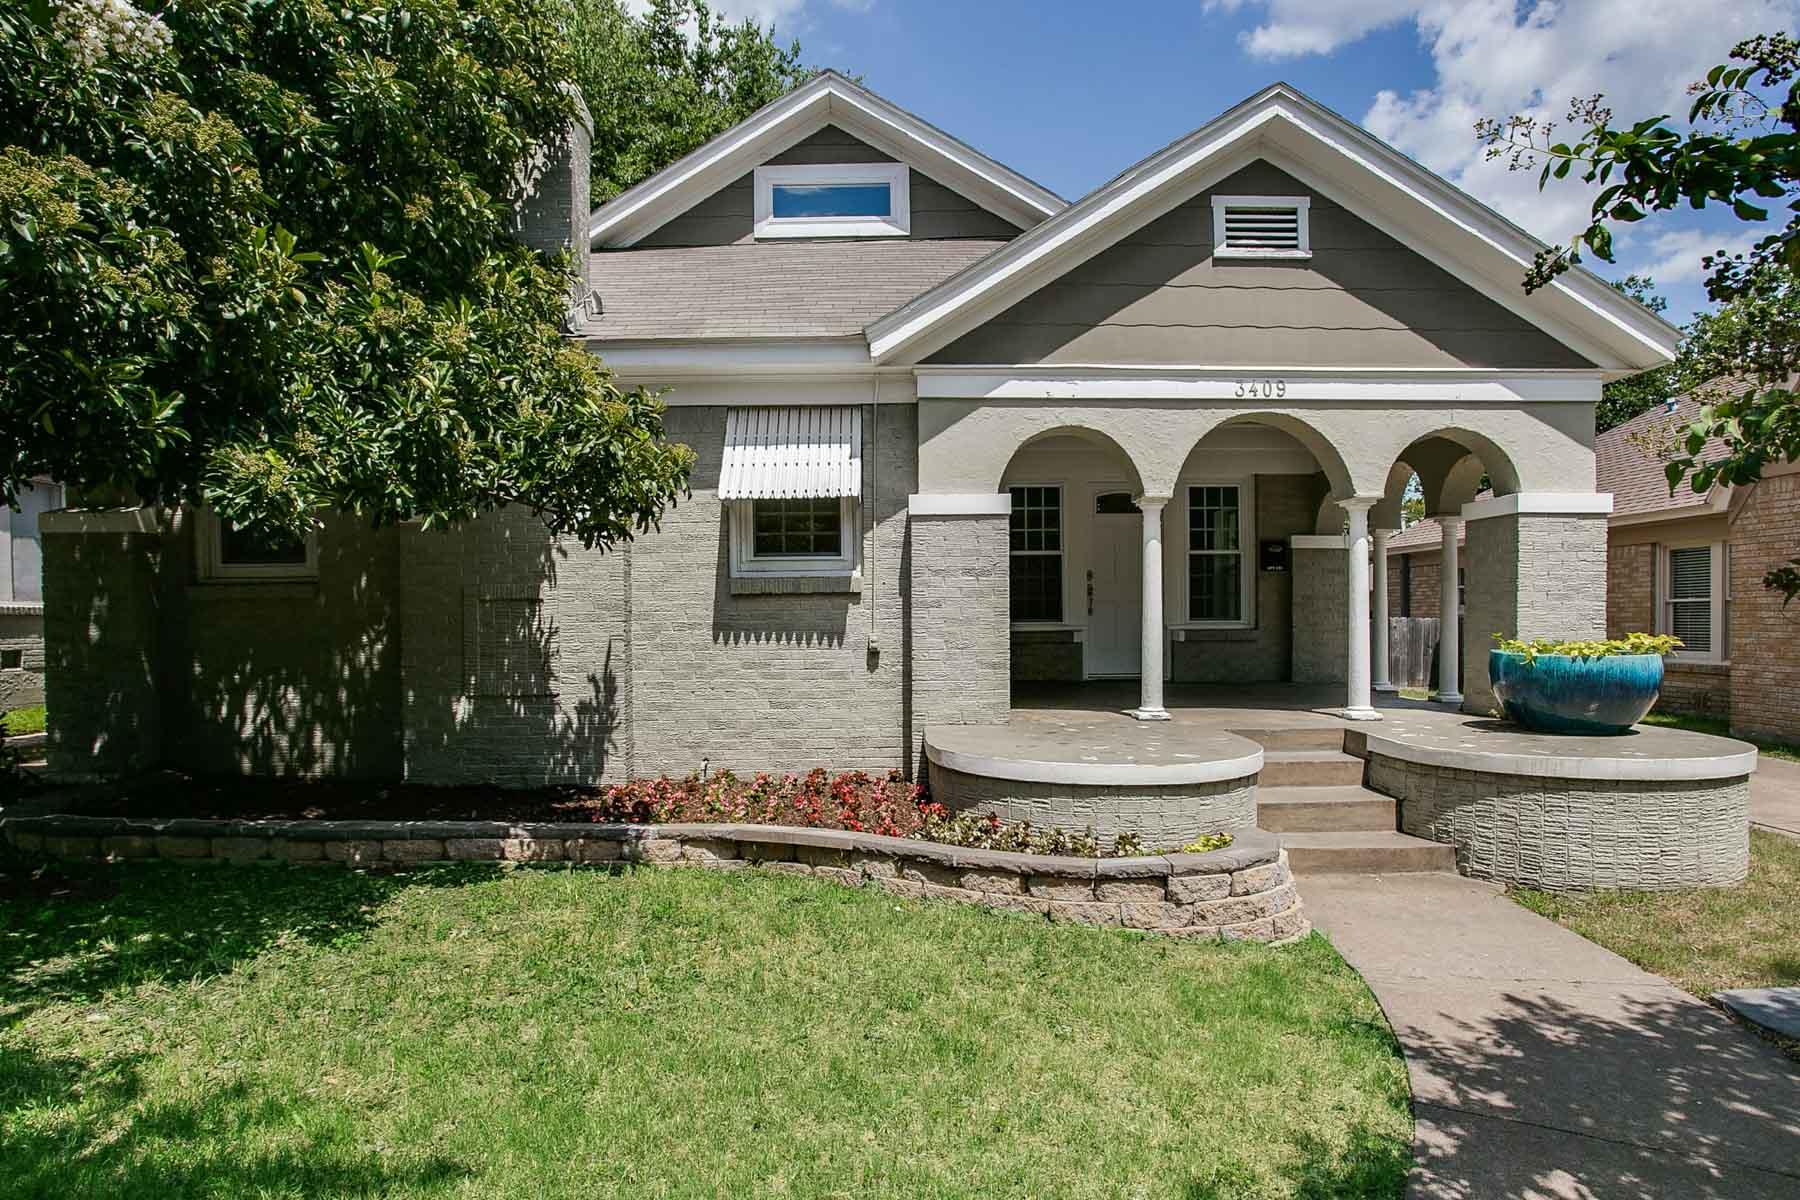 獨棟家庭住宅 為 出售 在 3409 Rogers Avenue, Fort Worth Fort Worth, 德克薩斯州, 76109 美國